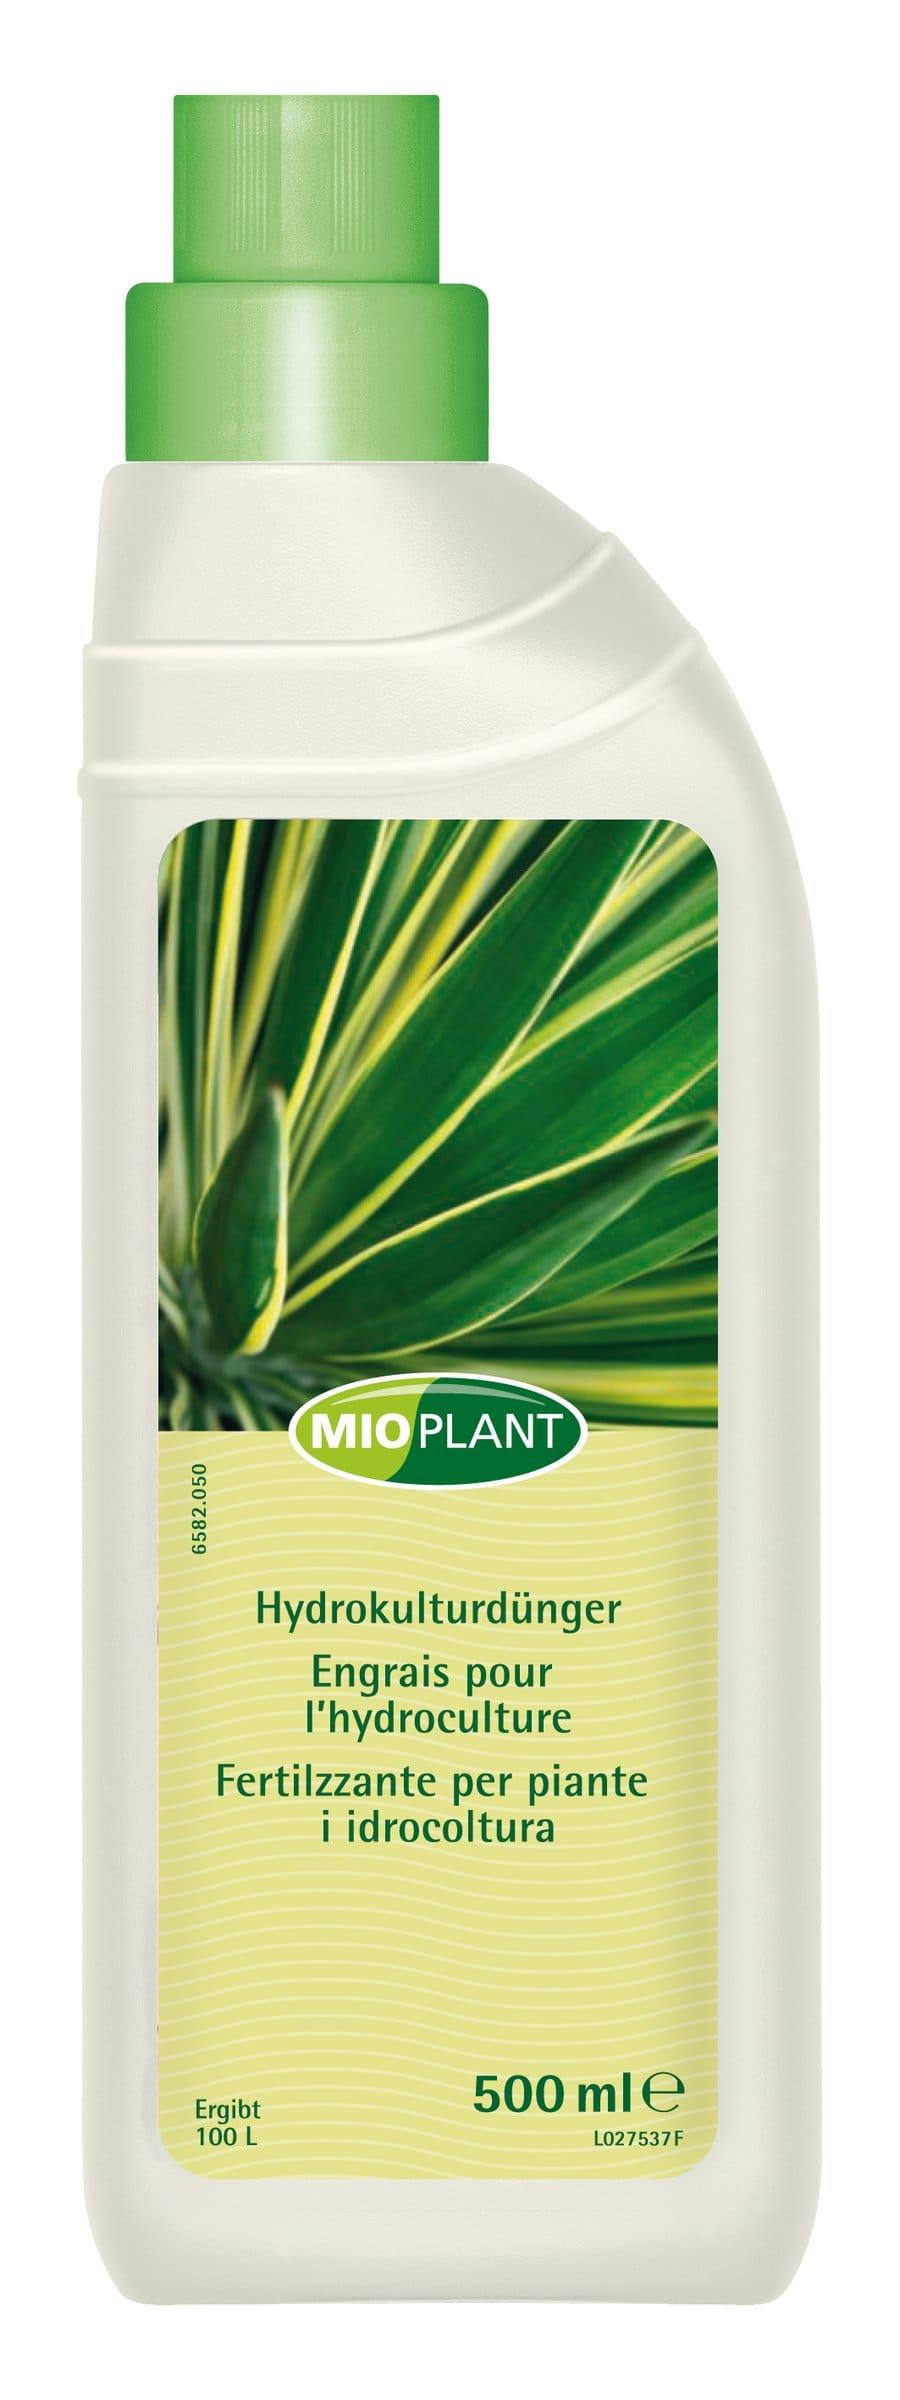 Mioplant Engrais pour l'hydroculture, 500 ml